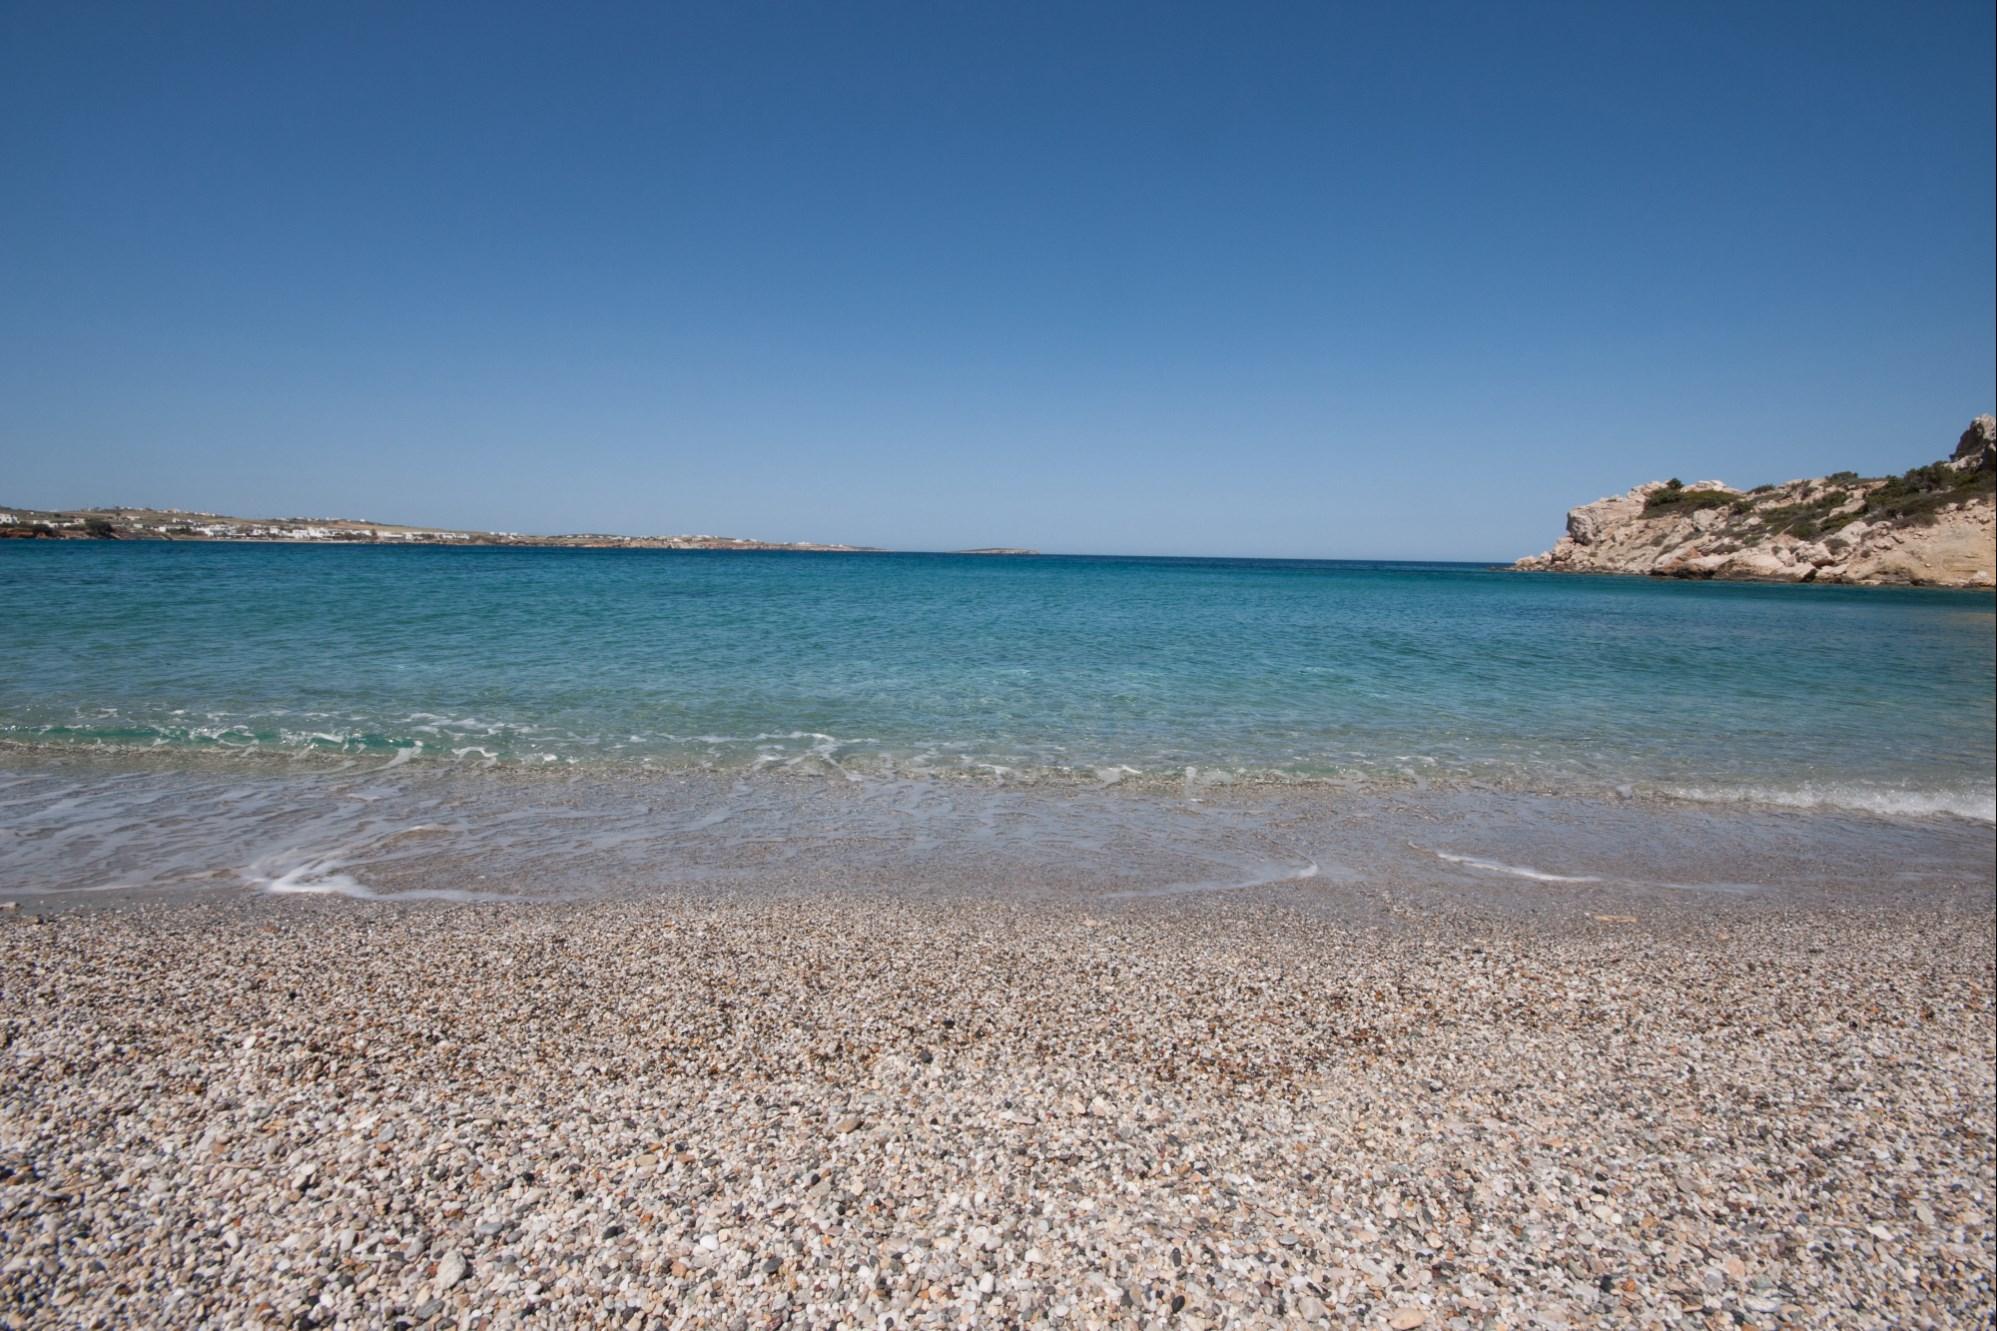 En Grèce, villa à vendre sur l'île de Paros, avec vue sur la mer  et accès aux plages à pied